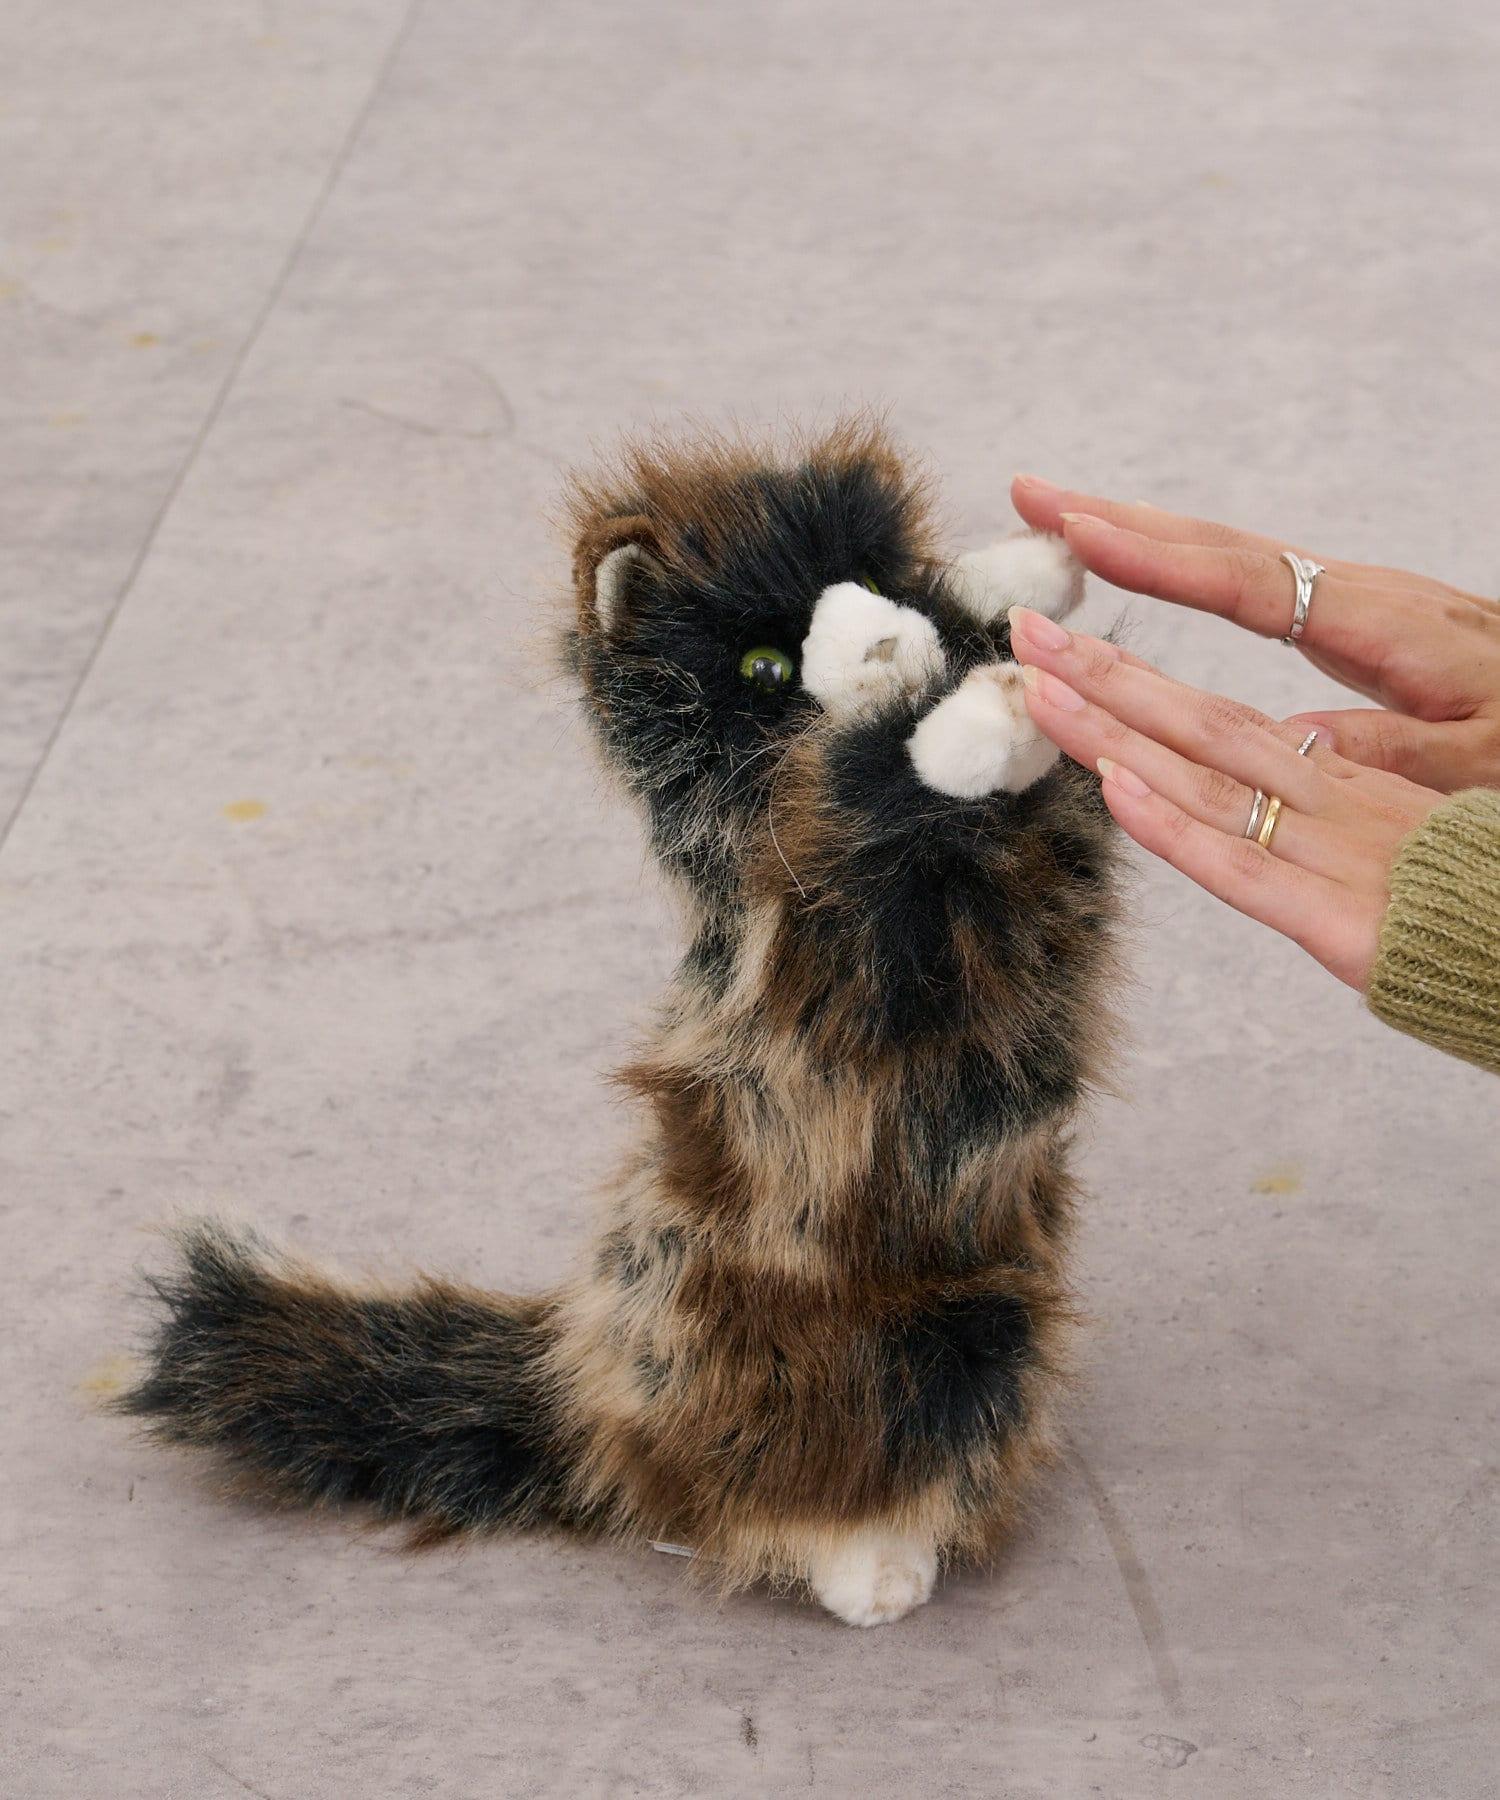 BONbazaar(ボンバザール) 【HANSA】ネコ(仔) 26 CAT ぬいぐるみ